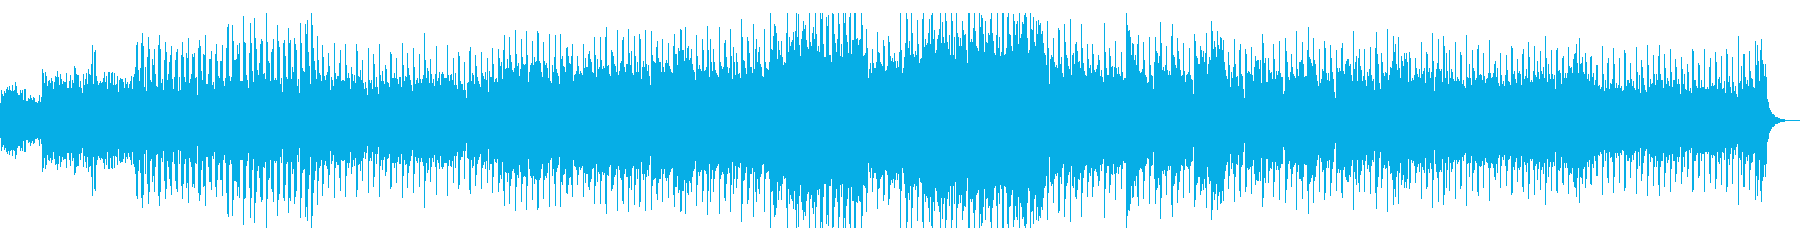 恒星間惑星間宇宙探査機をイメージした曲 の再生済みの波形